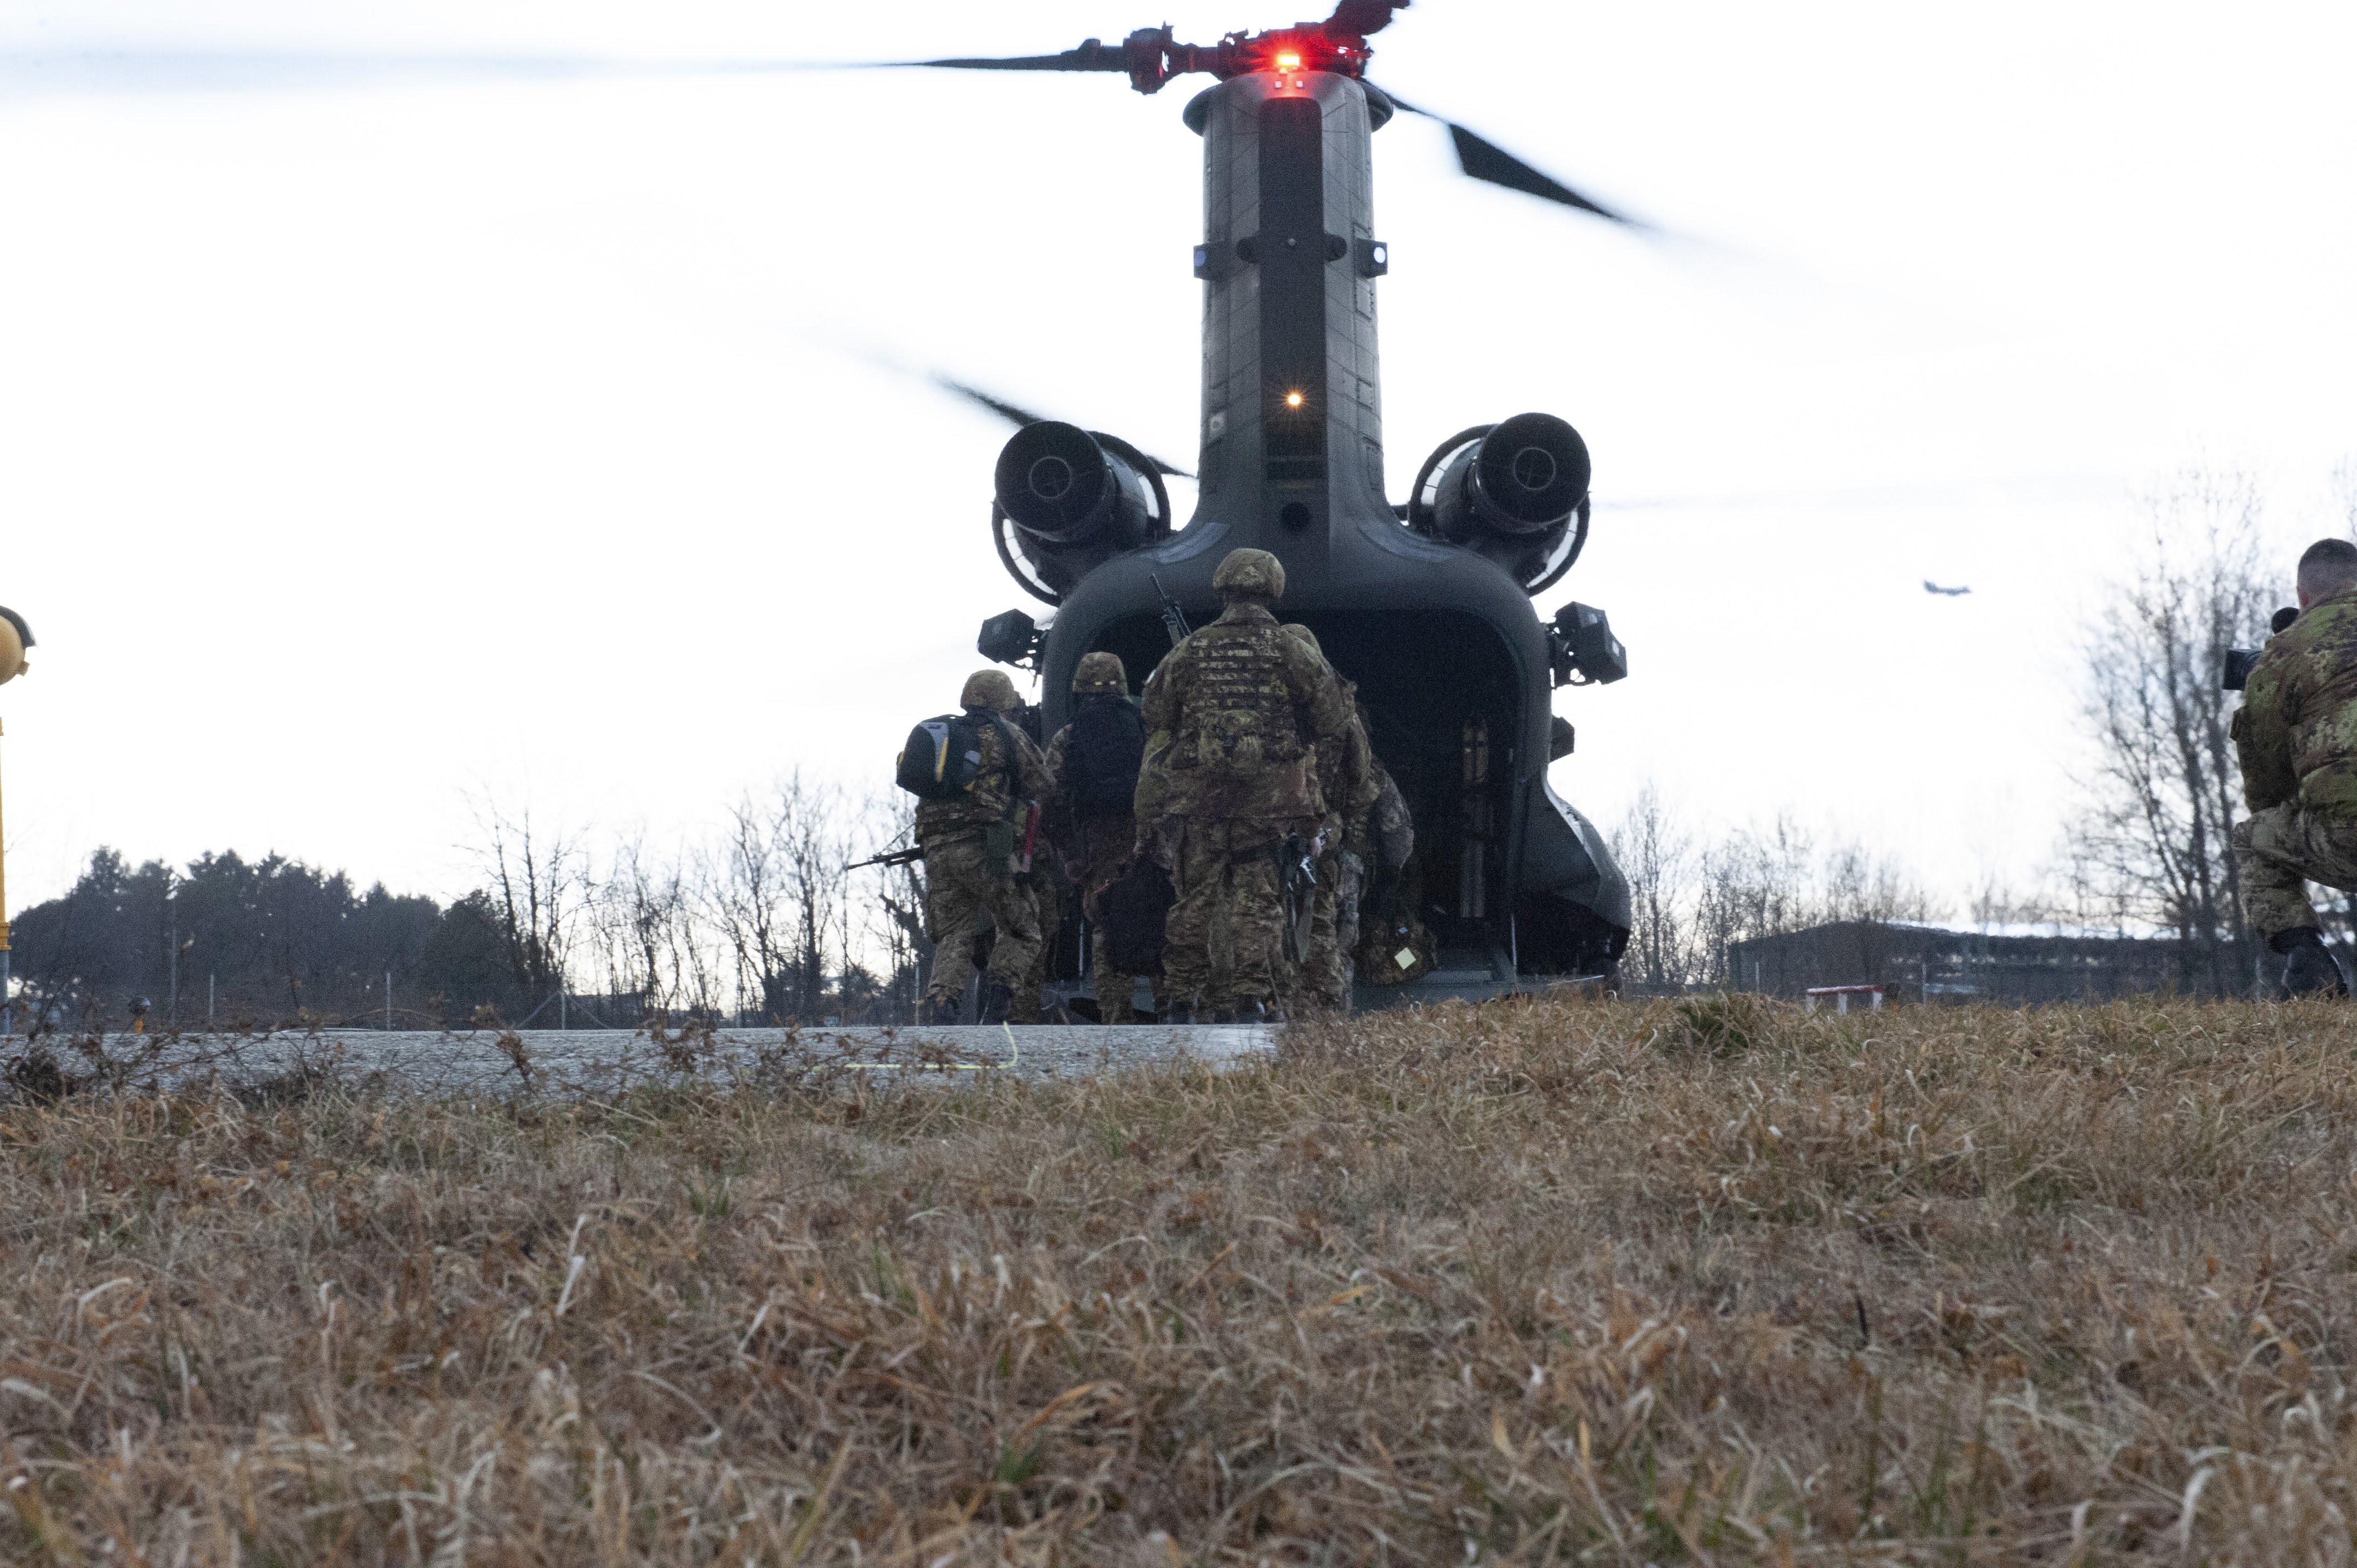 Un CH47 utilizzato nella Eagle Light III